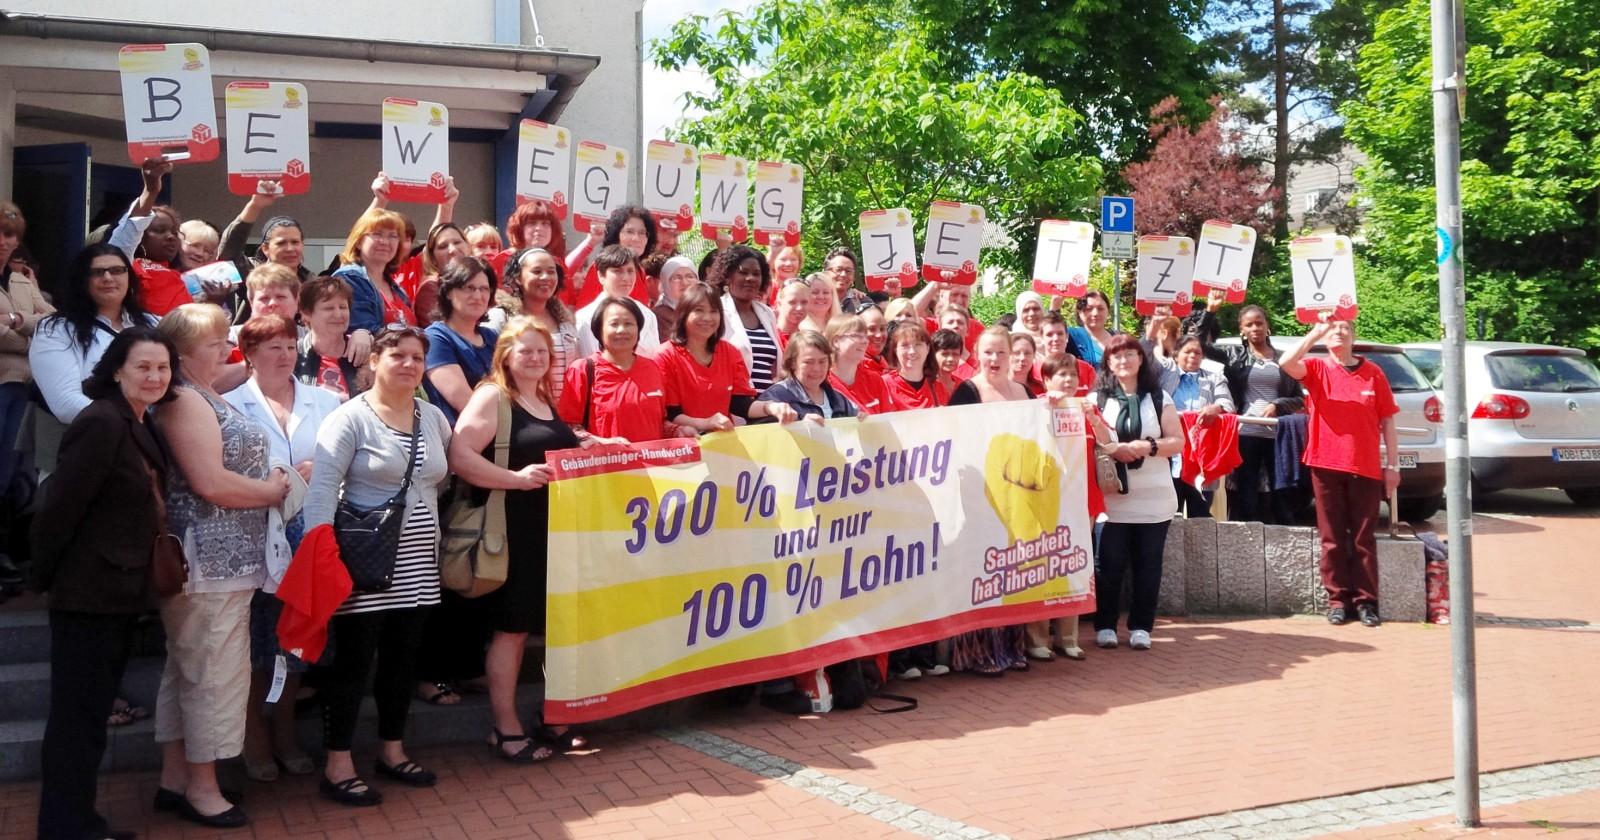 Kolleginnen & Kollegen von Tip Top fordern Bewegung von den Arbeitgebern